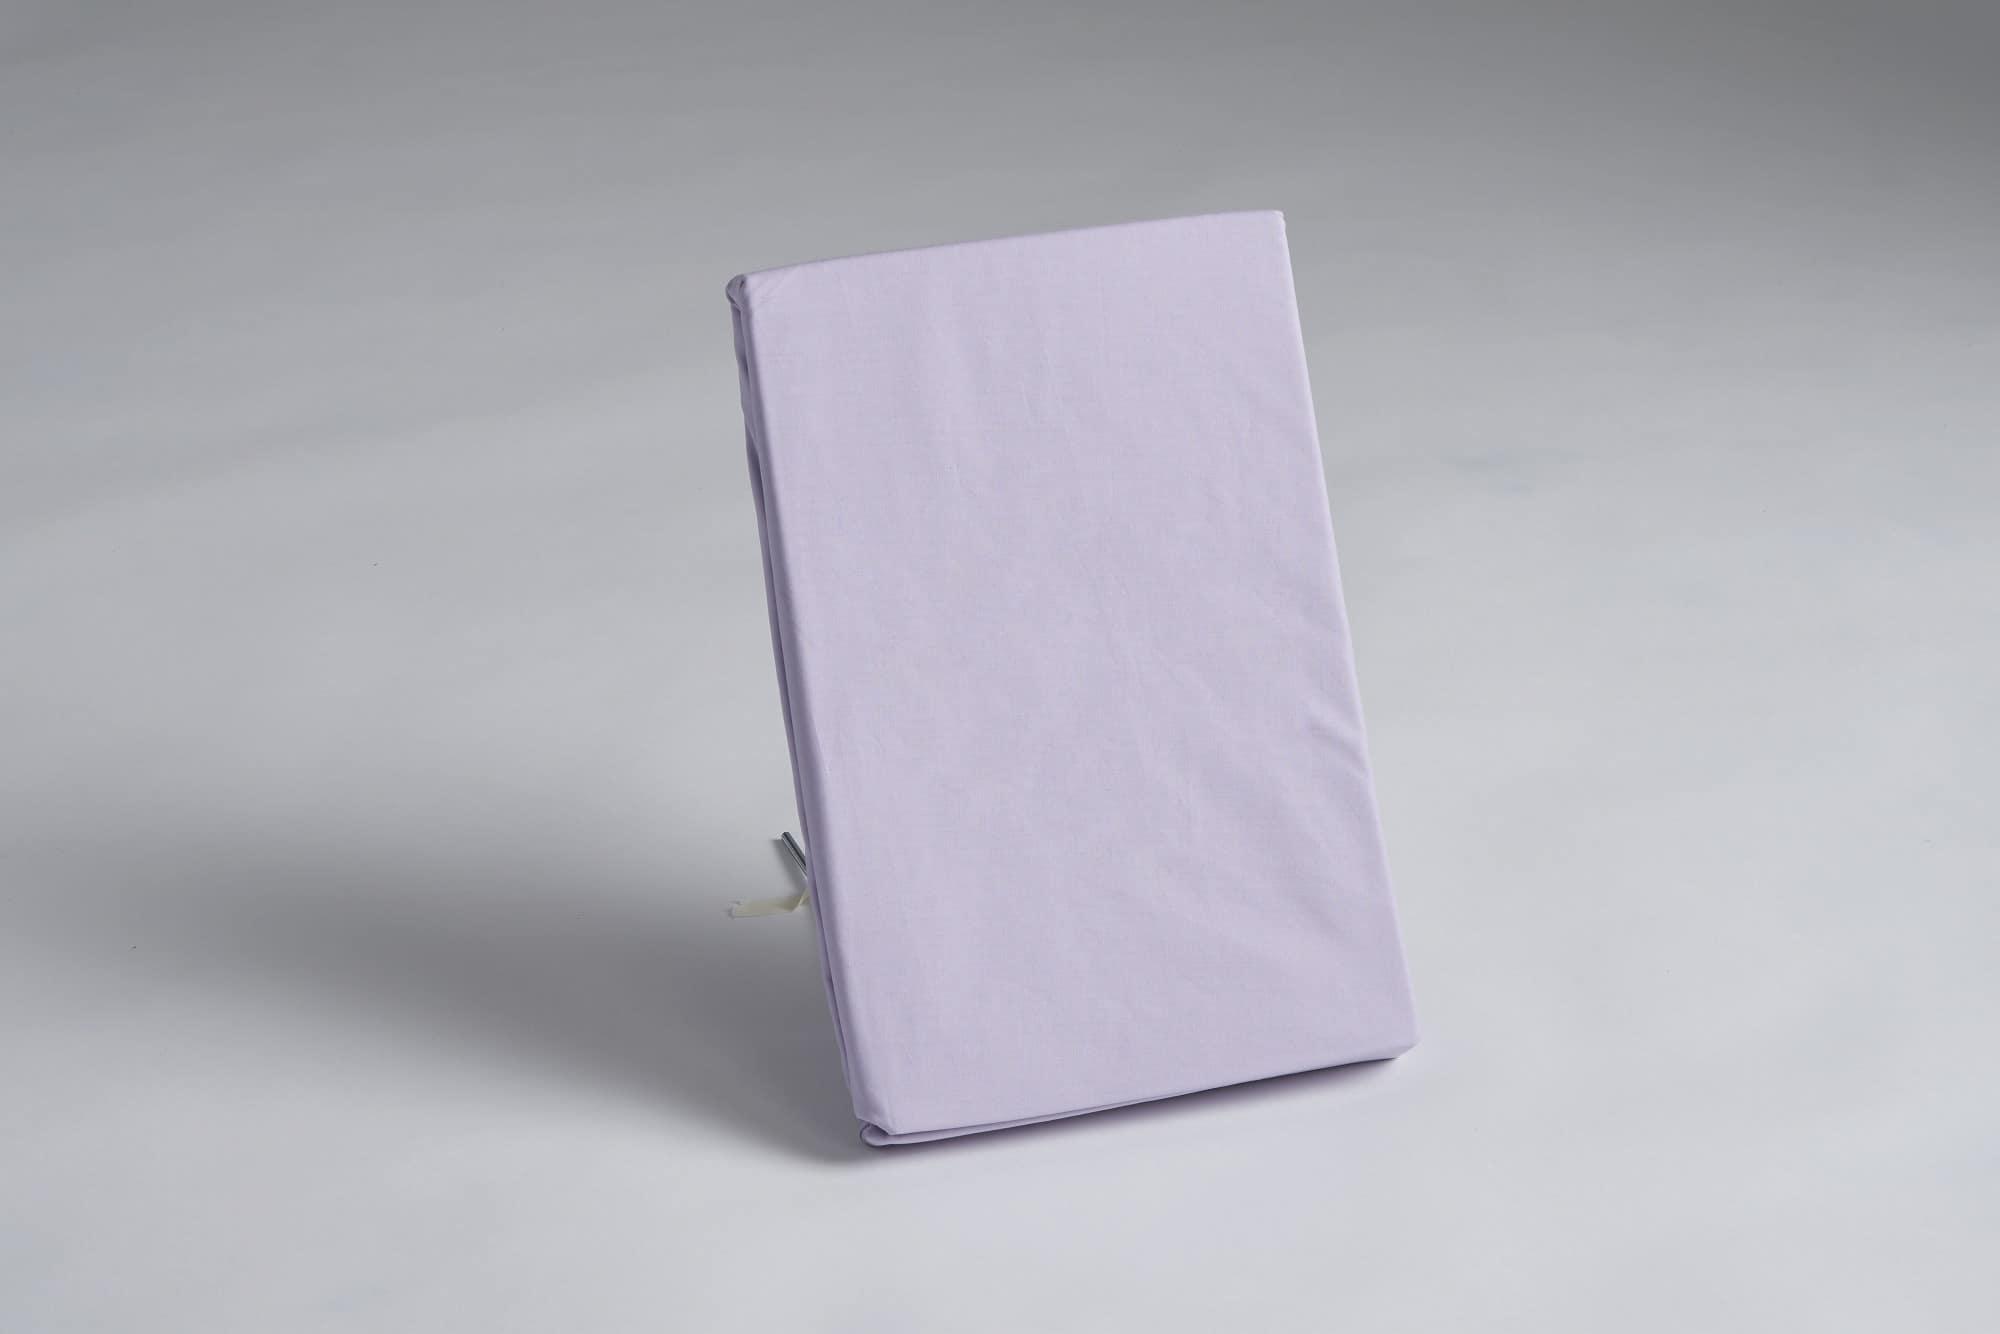 ボックスシーツ ダブル用 30H パープル:《綿100%を使用したボックスシーツ》